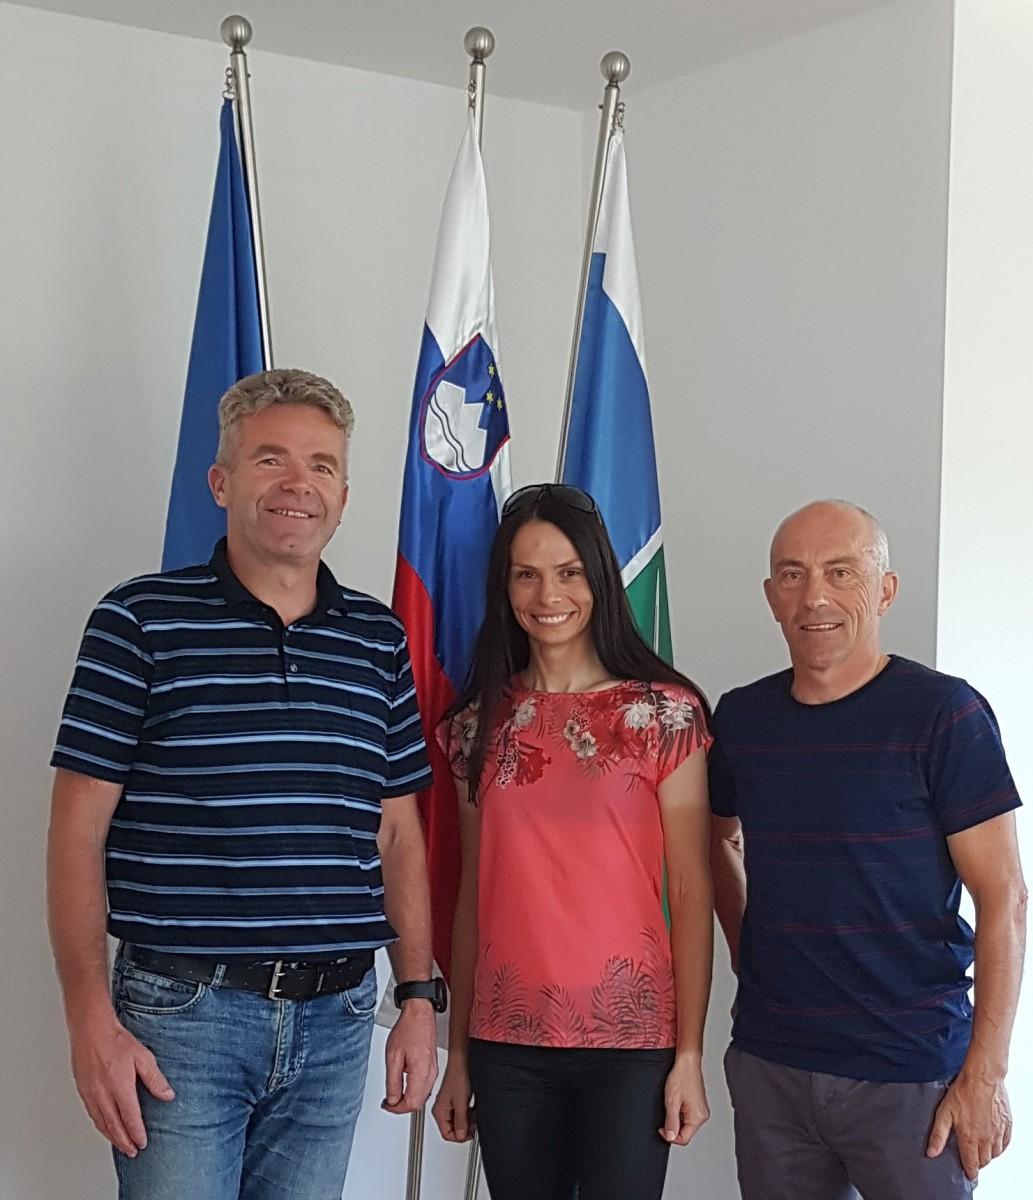 Gorazd Penko, direktor Maratona Franja BTC City v spremstvu Urše Pintar, letošnje državne prvakinje v cestni vožnji in župana Milana Čadeža